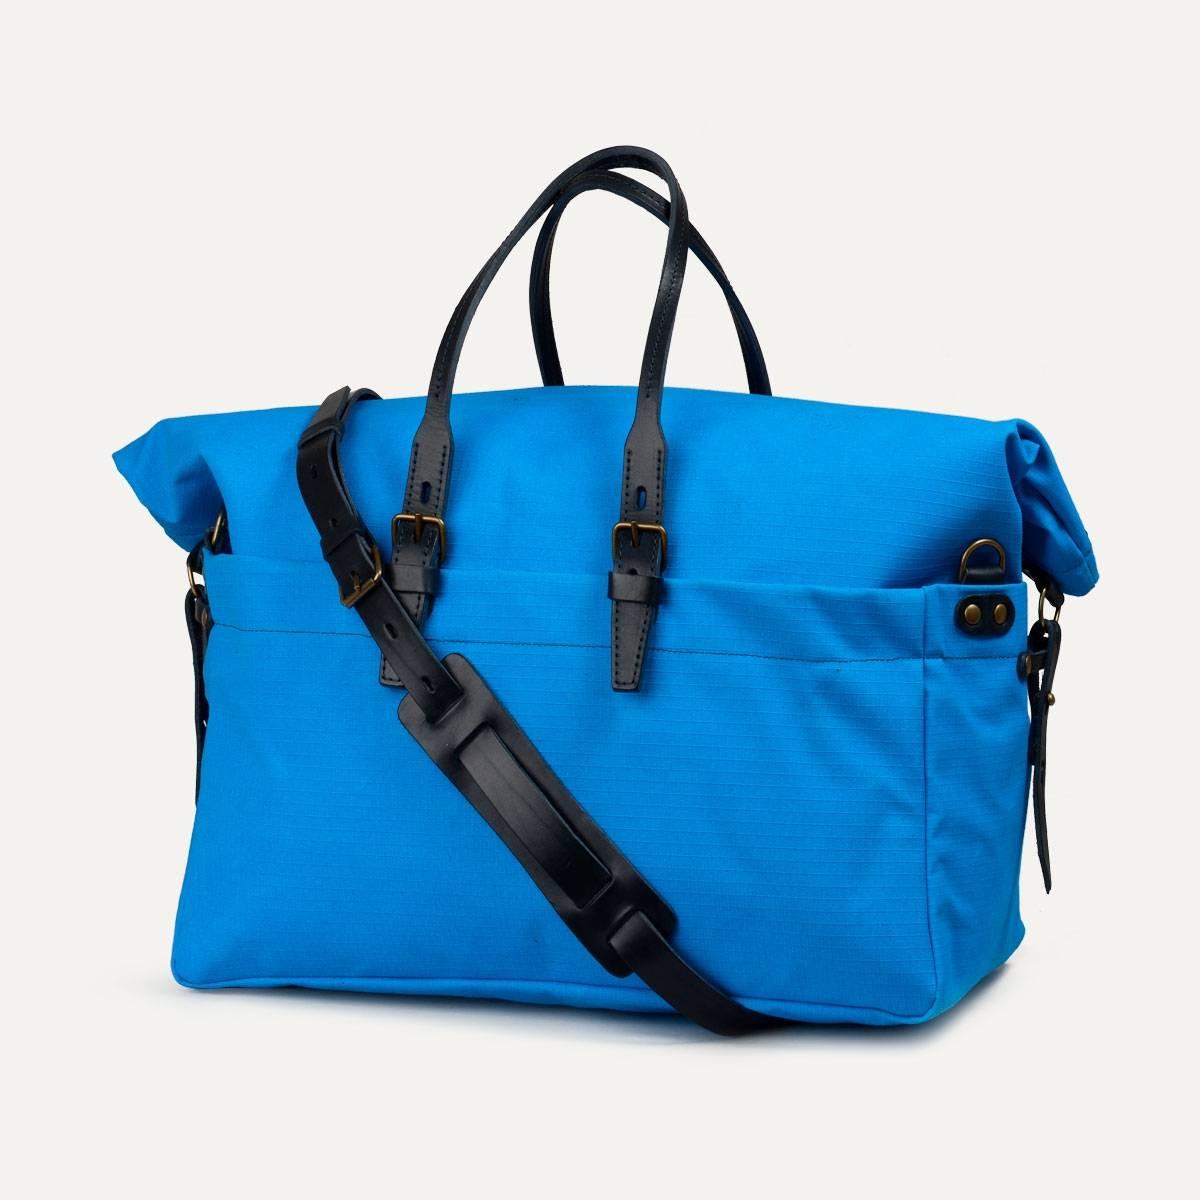 Cabine Travel bag  - Regentex Blue (image n°4)